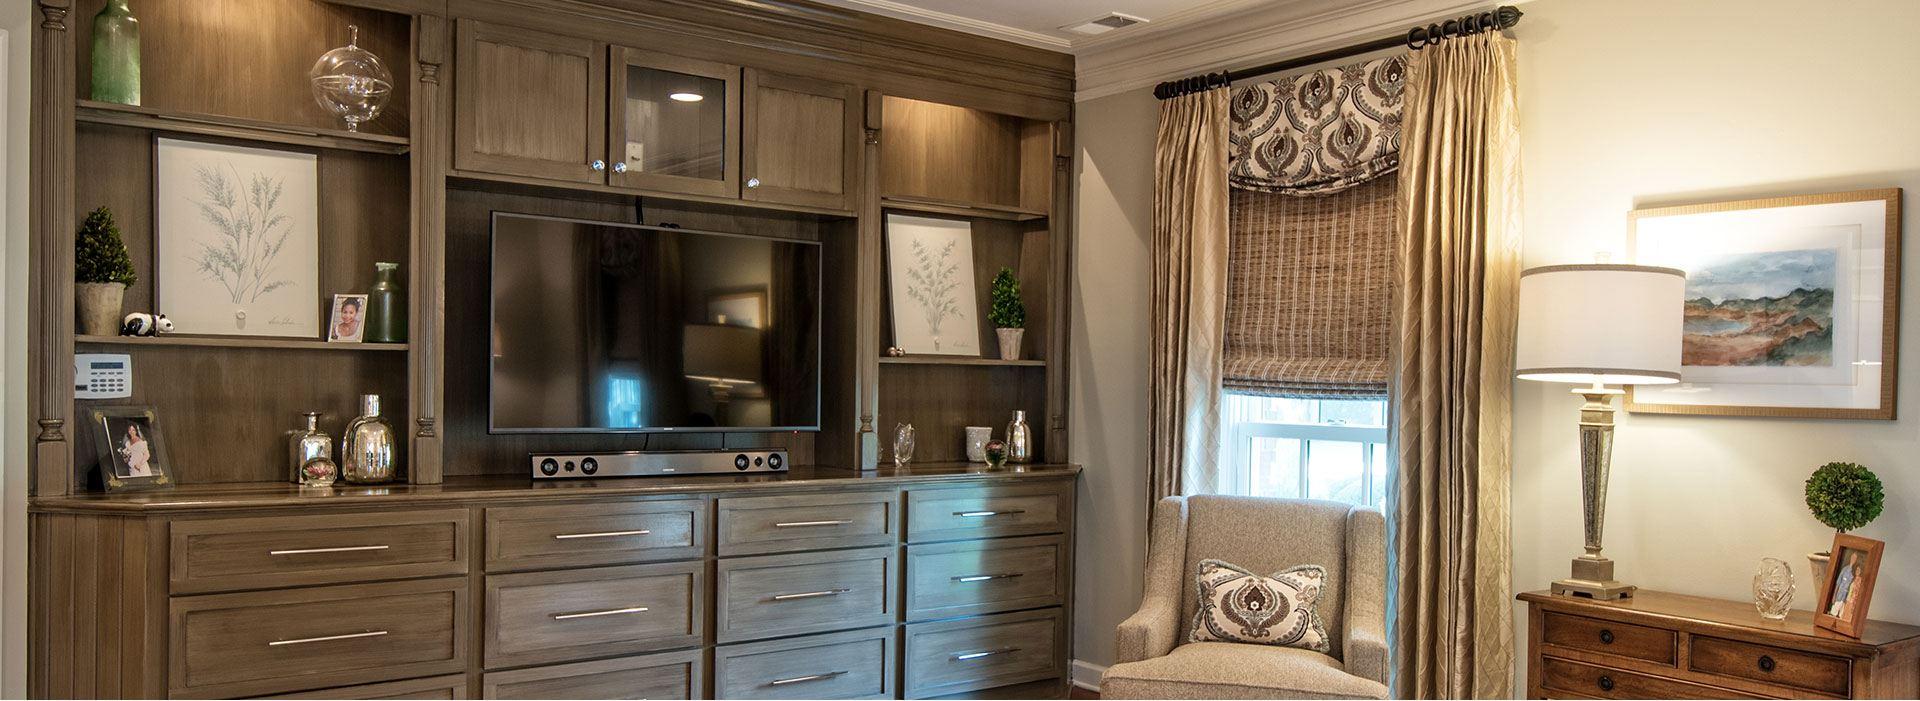 Elegant U0026 Modern Cabinet Design